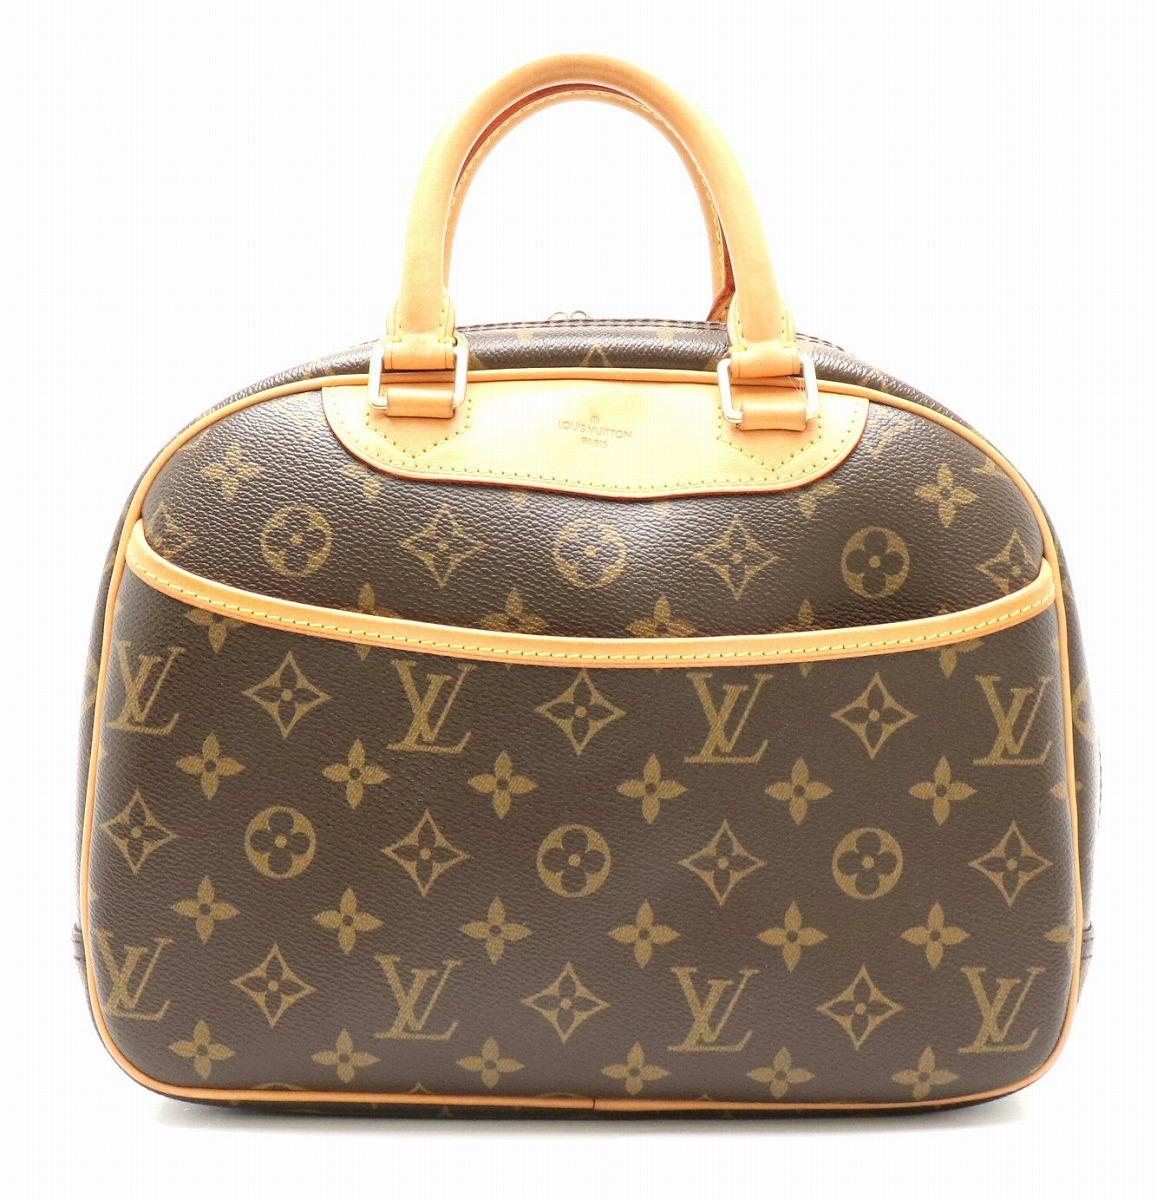 【バッグ】LOUIS VUITTON ルイ ヴィトン モノグラム トゥルーヴィル ハンドバッグ M42228 【中古】【k】